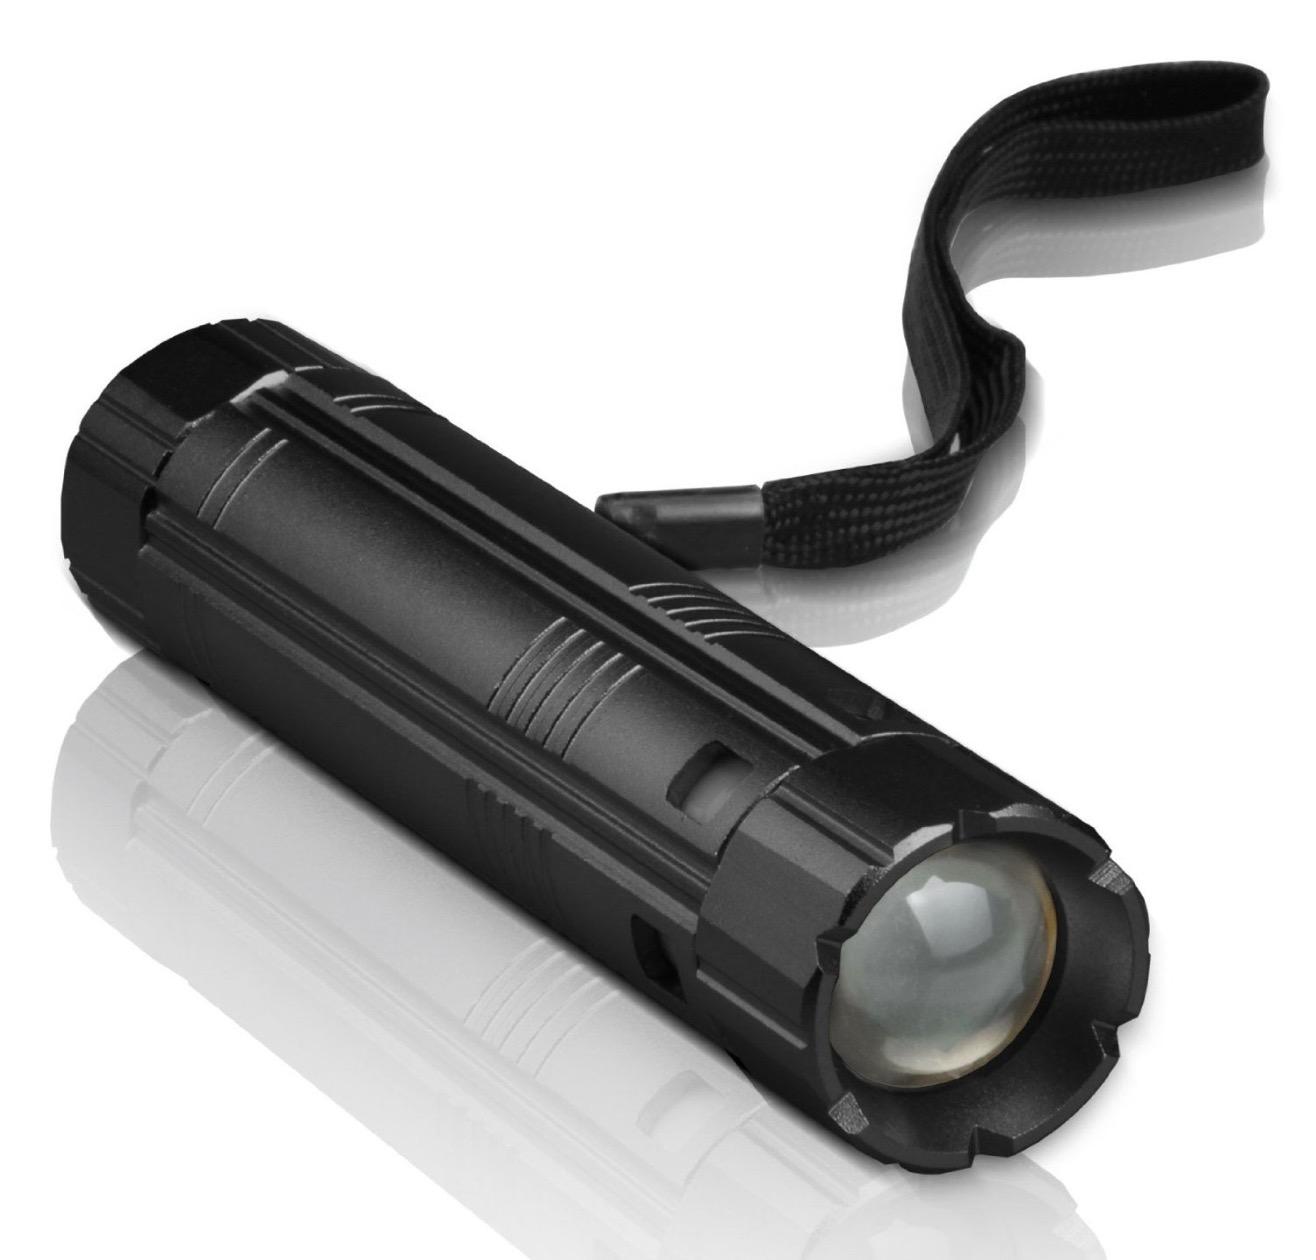 Torcia LED in alluminio con funzione caricabatterie sconto Macitynet a 15,99 euro - Macitynet.it